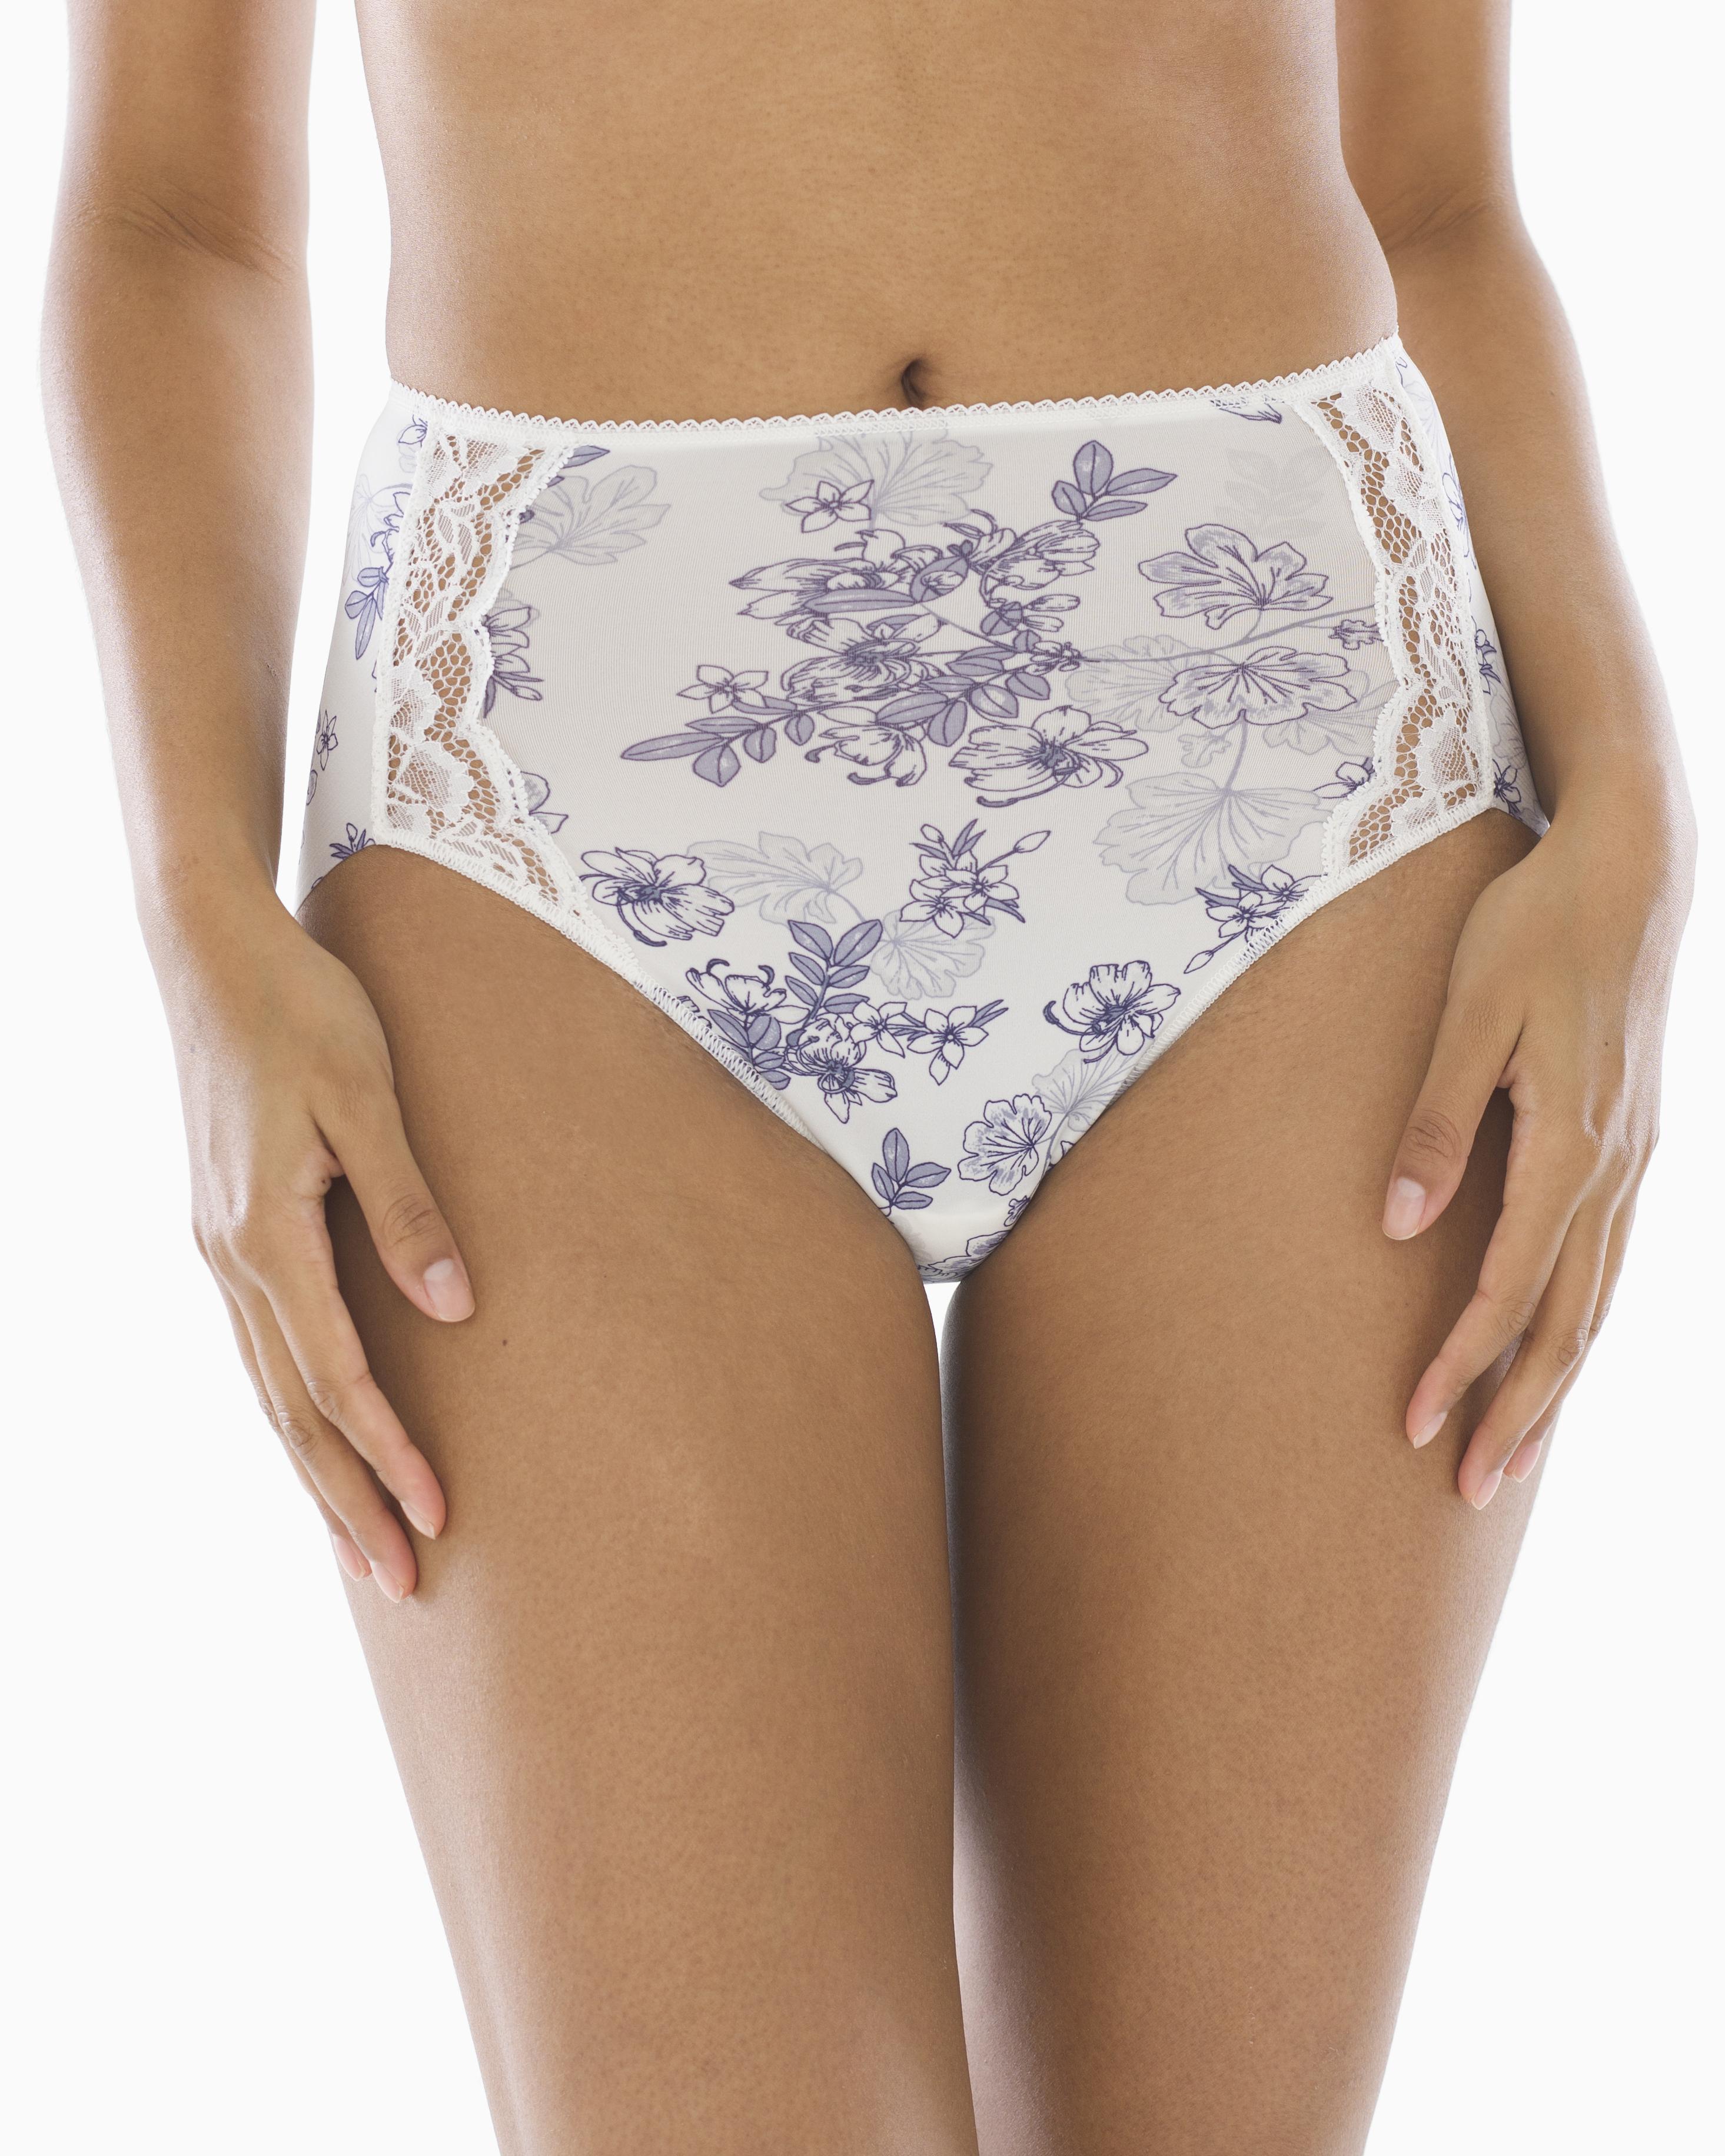 13 Best Underwear For Women 2021